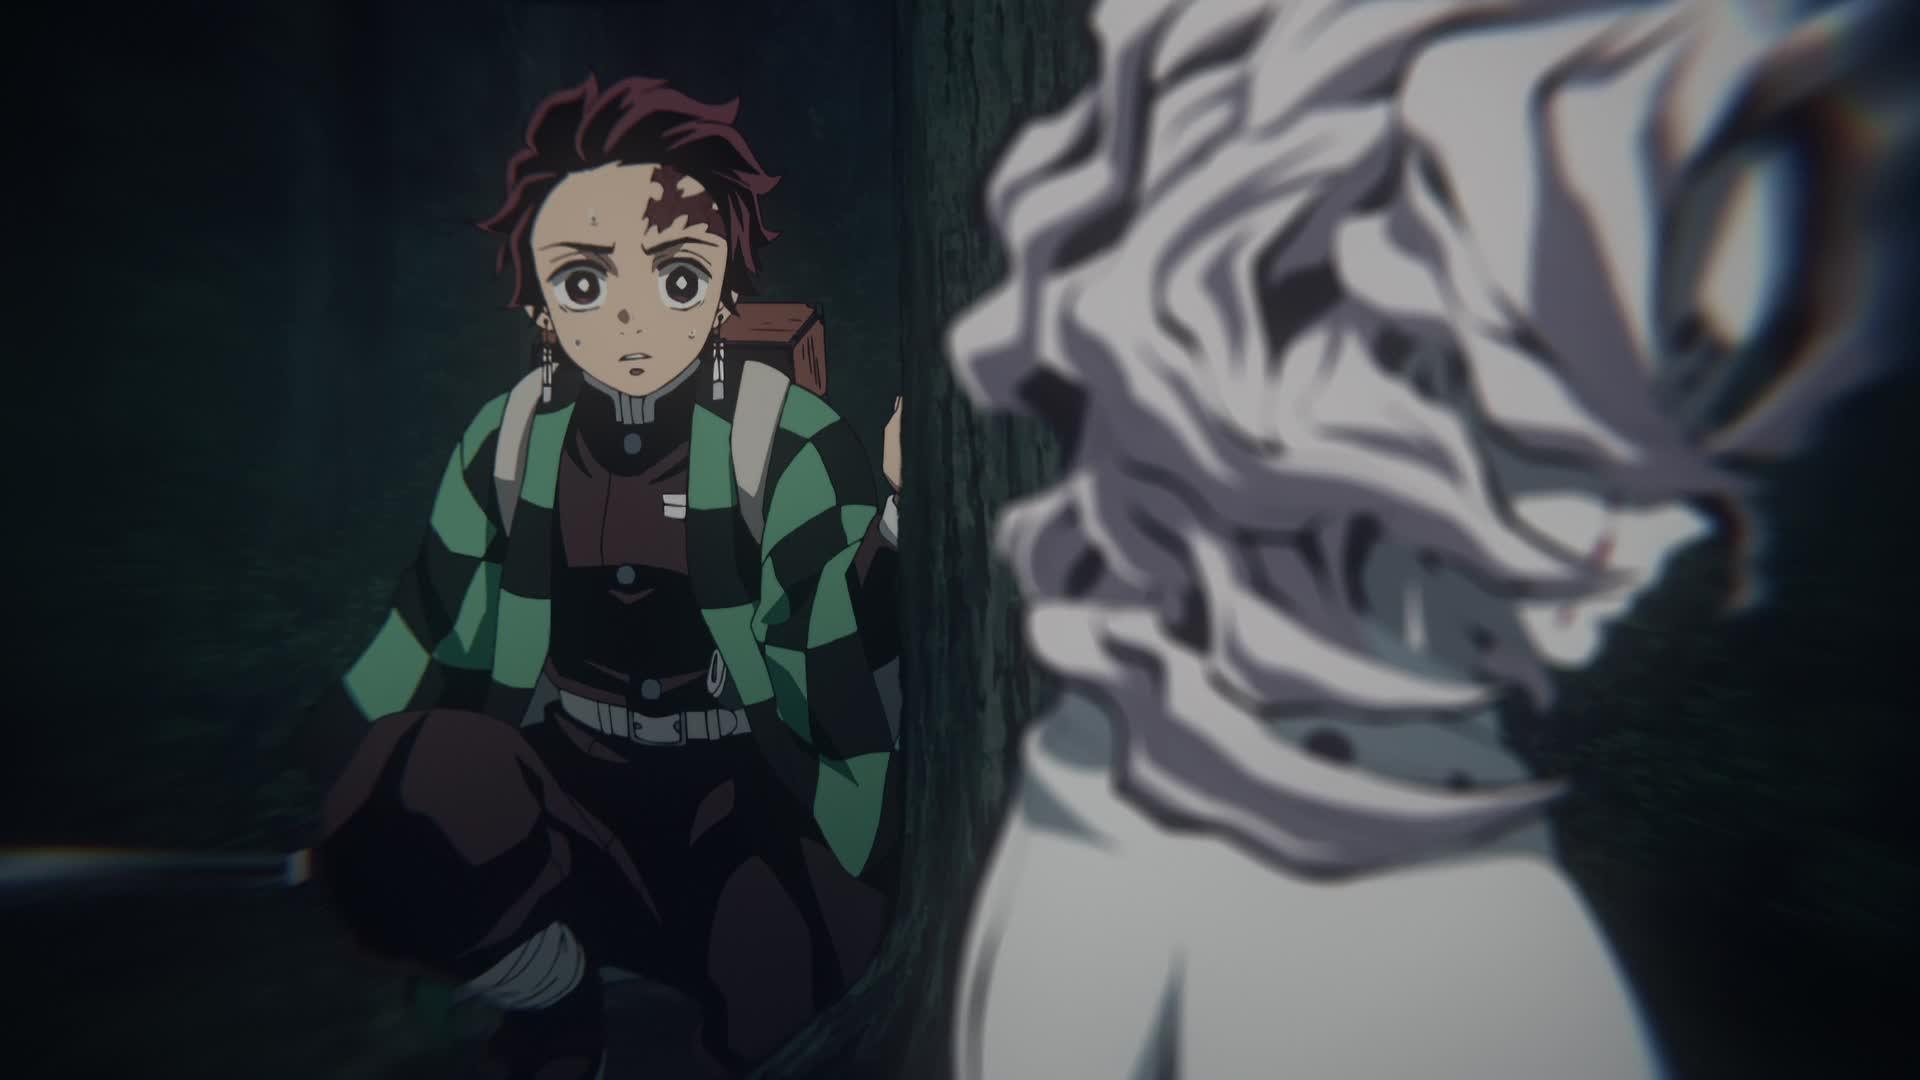 Kimetsu no Yaiba - Episode 22